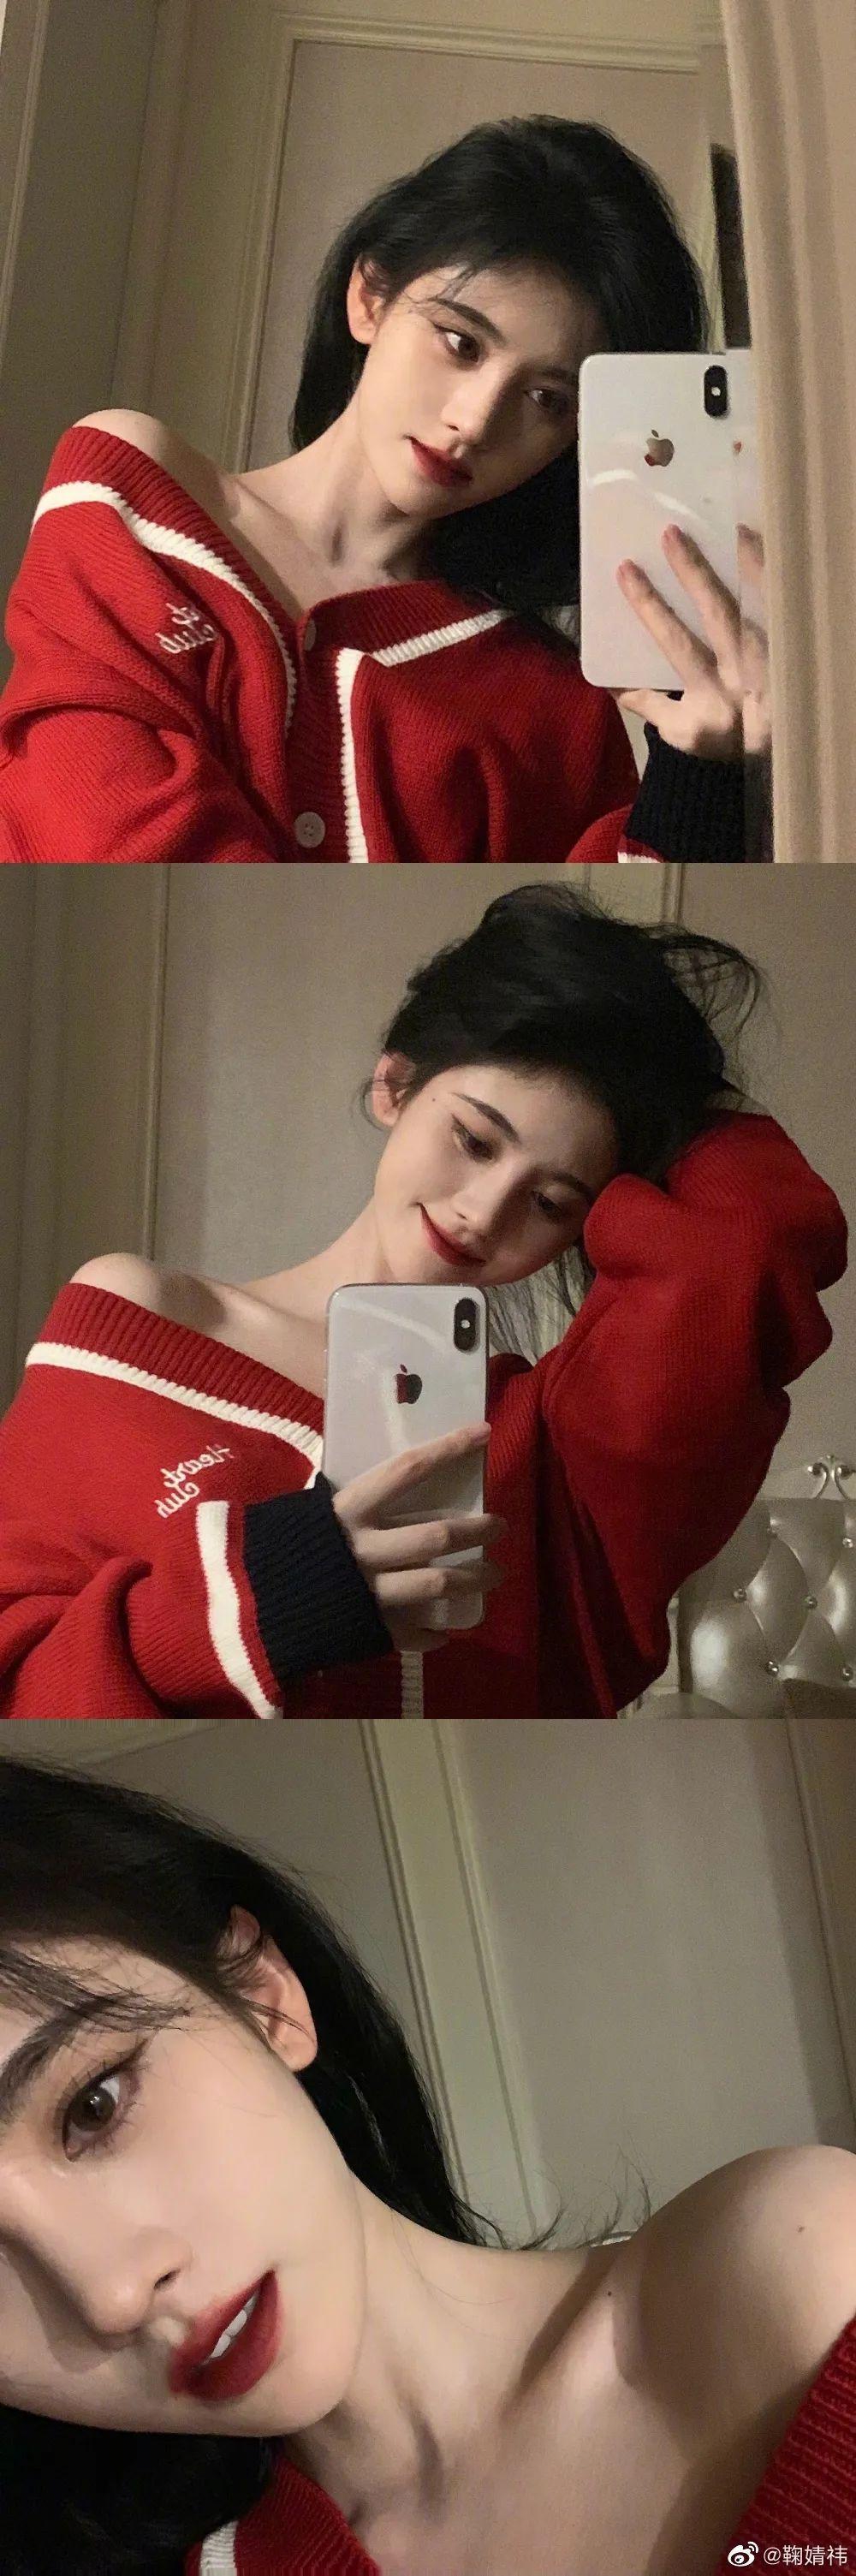 妹子写真 -美少女鞠婧祎和日本演员三吉彩花,你喜欢哪位呢?_图片 No.15